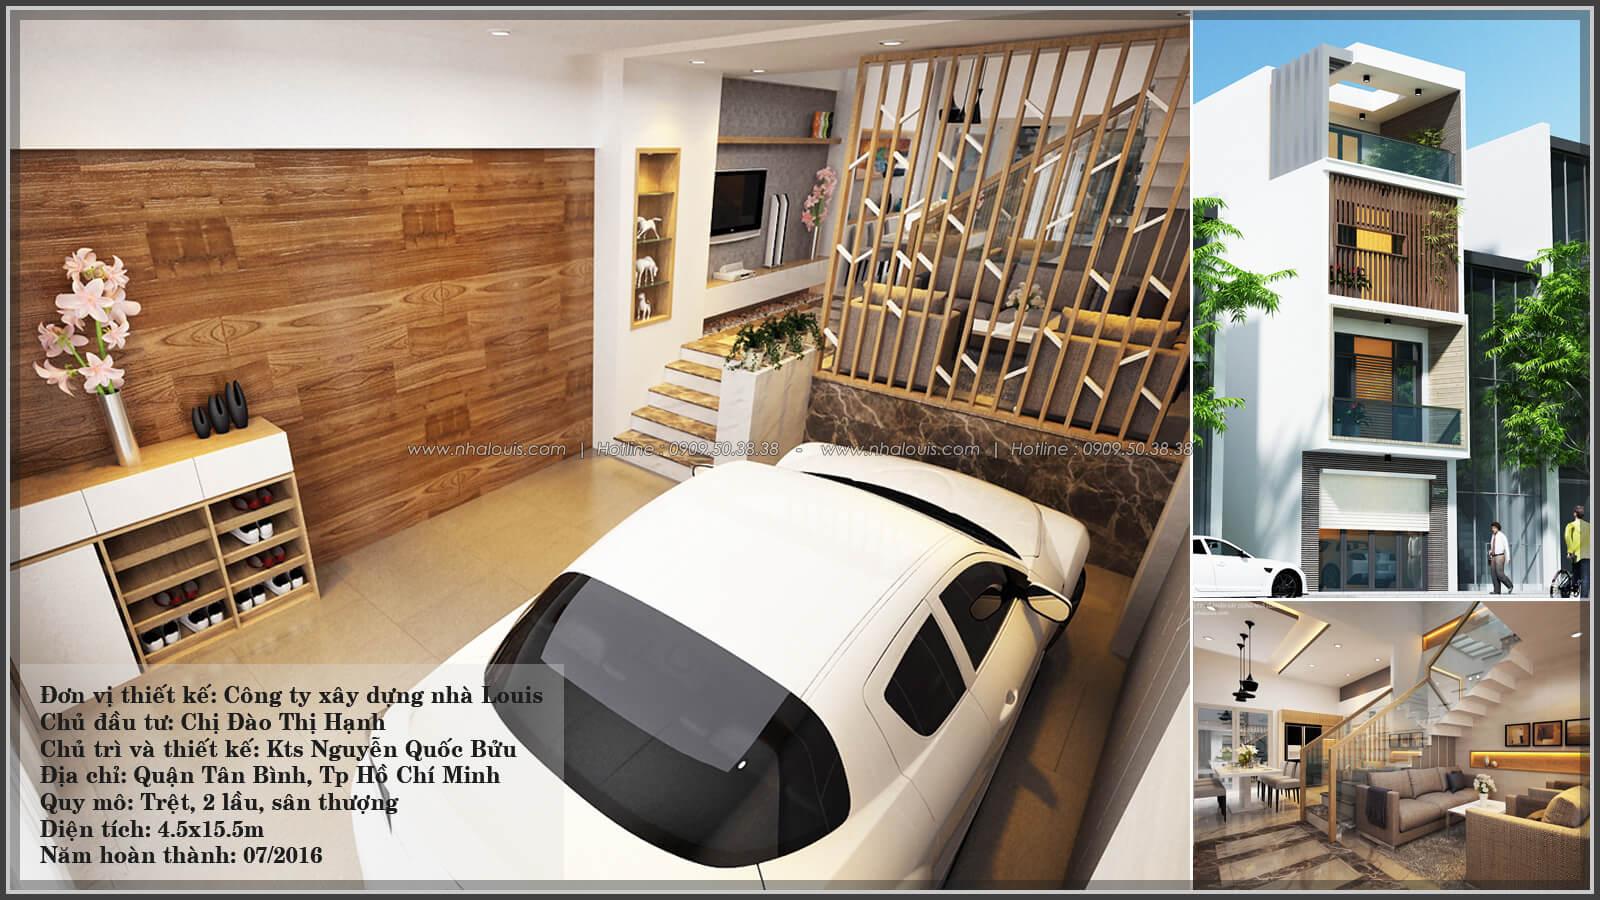 Thiết kế nhà lệch tầng đẹp 4.5x14.5m hiện đại tại quận Tân Bình - 1